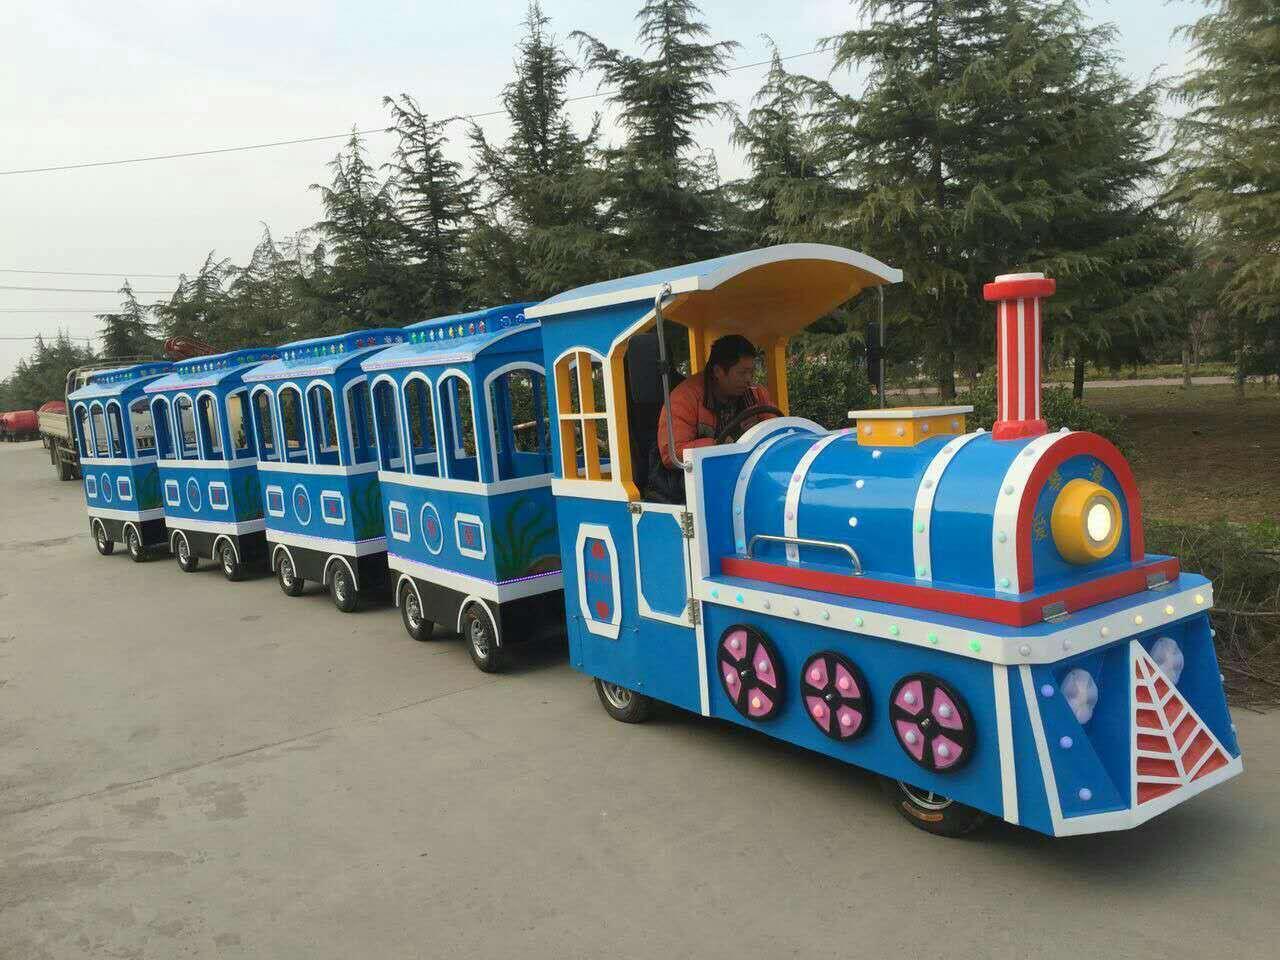 2020仿古观光火车儿童游乐设备 郑州无轨观光火车大洋生产厂家直销游艺设施示例图6